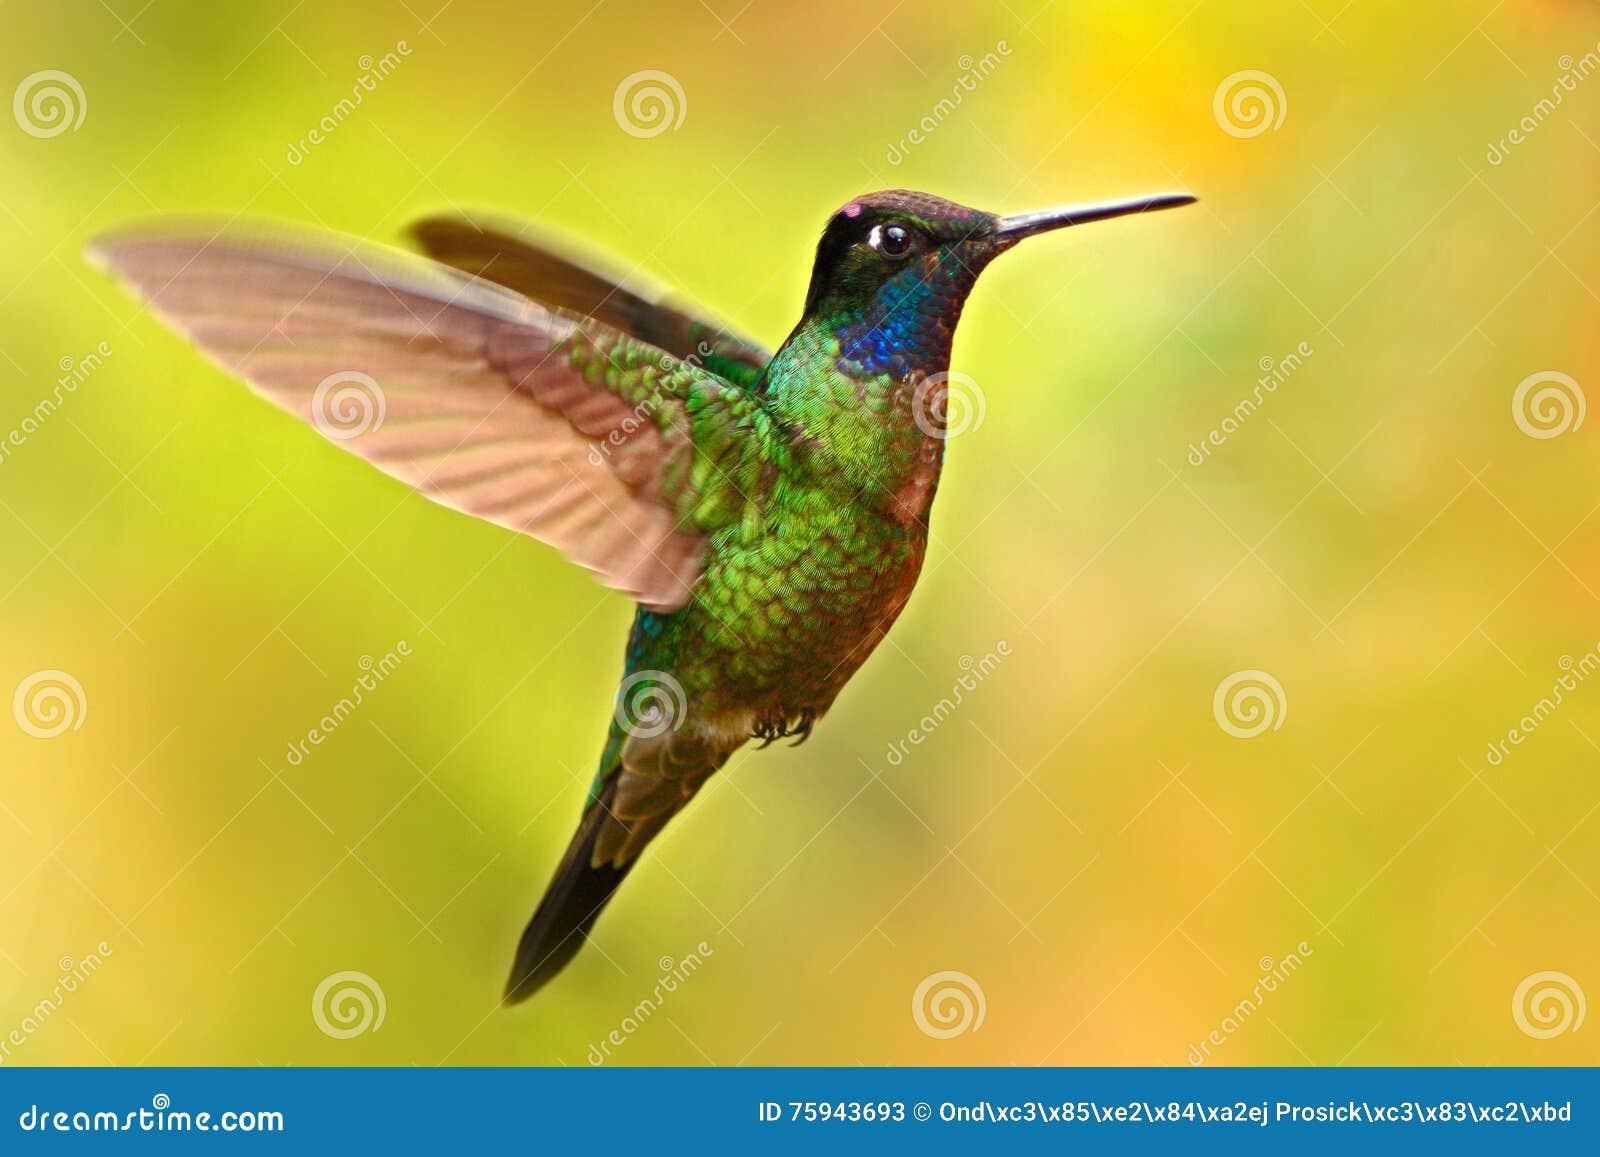 Trevlig kolibri, storartad kolibri, Eugenes fulgens som flyger bredvid den härliga gula blomman med blommor i bakgrunden,